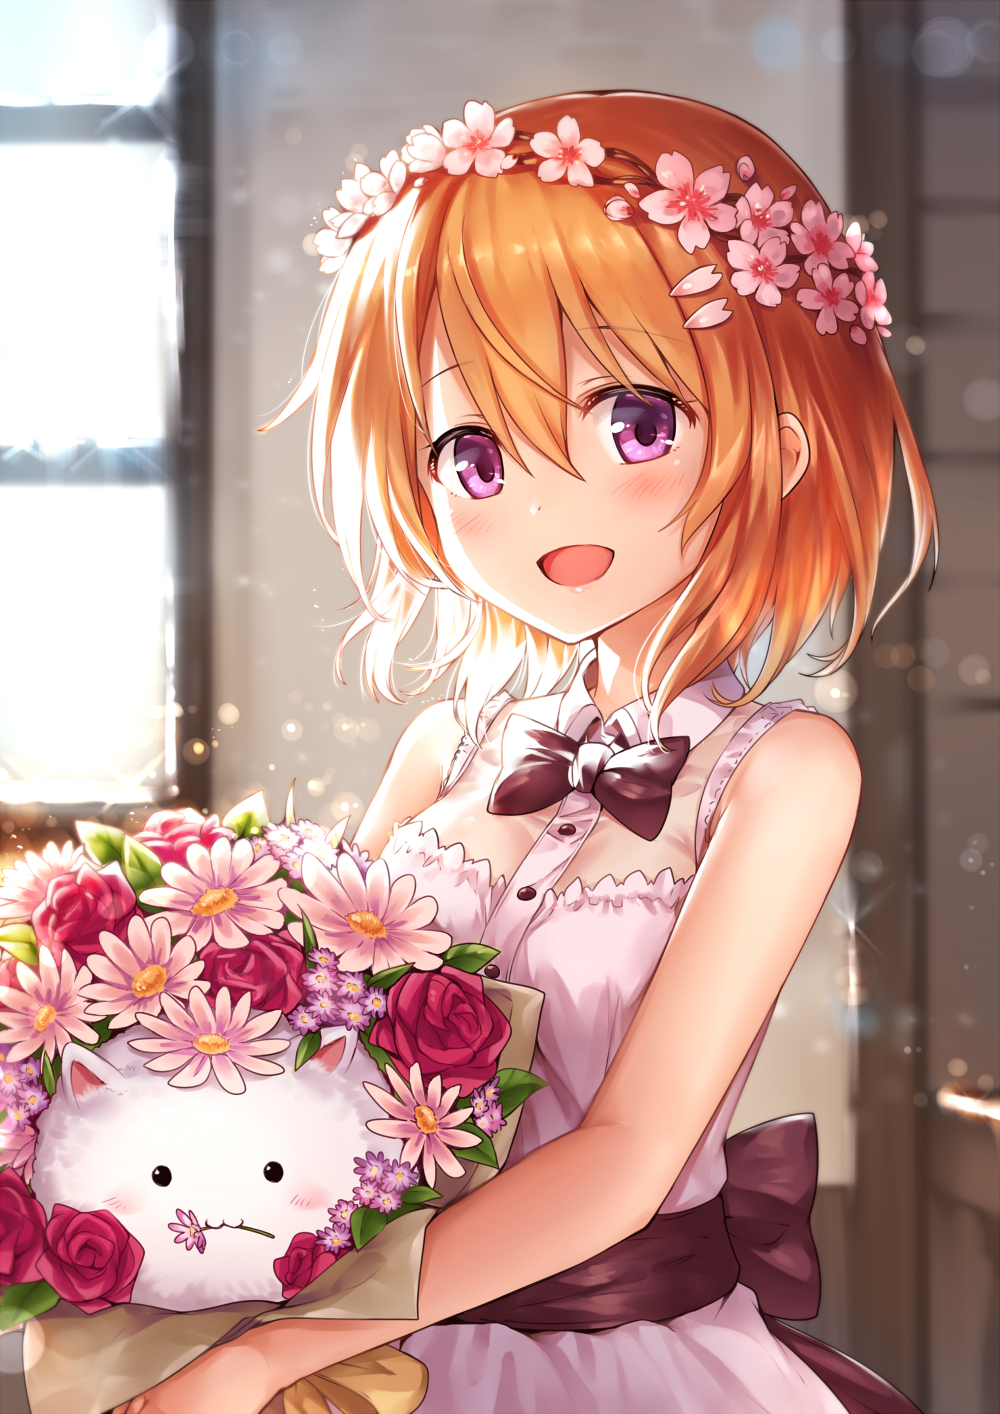 【P站美图】《请问您今天要来点兔子吗?》保登心爱生日壁纸特辑